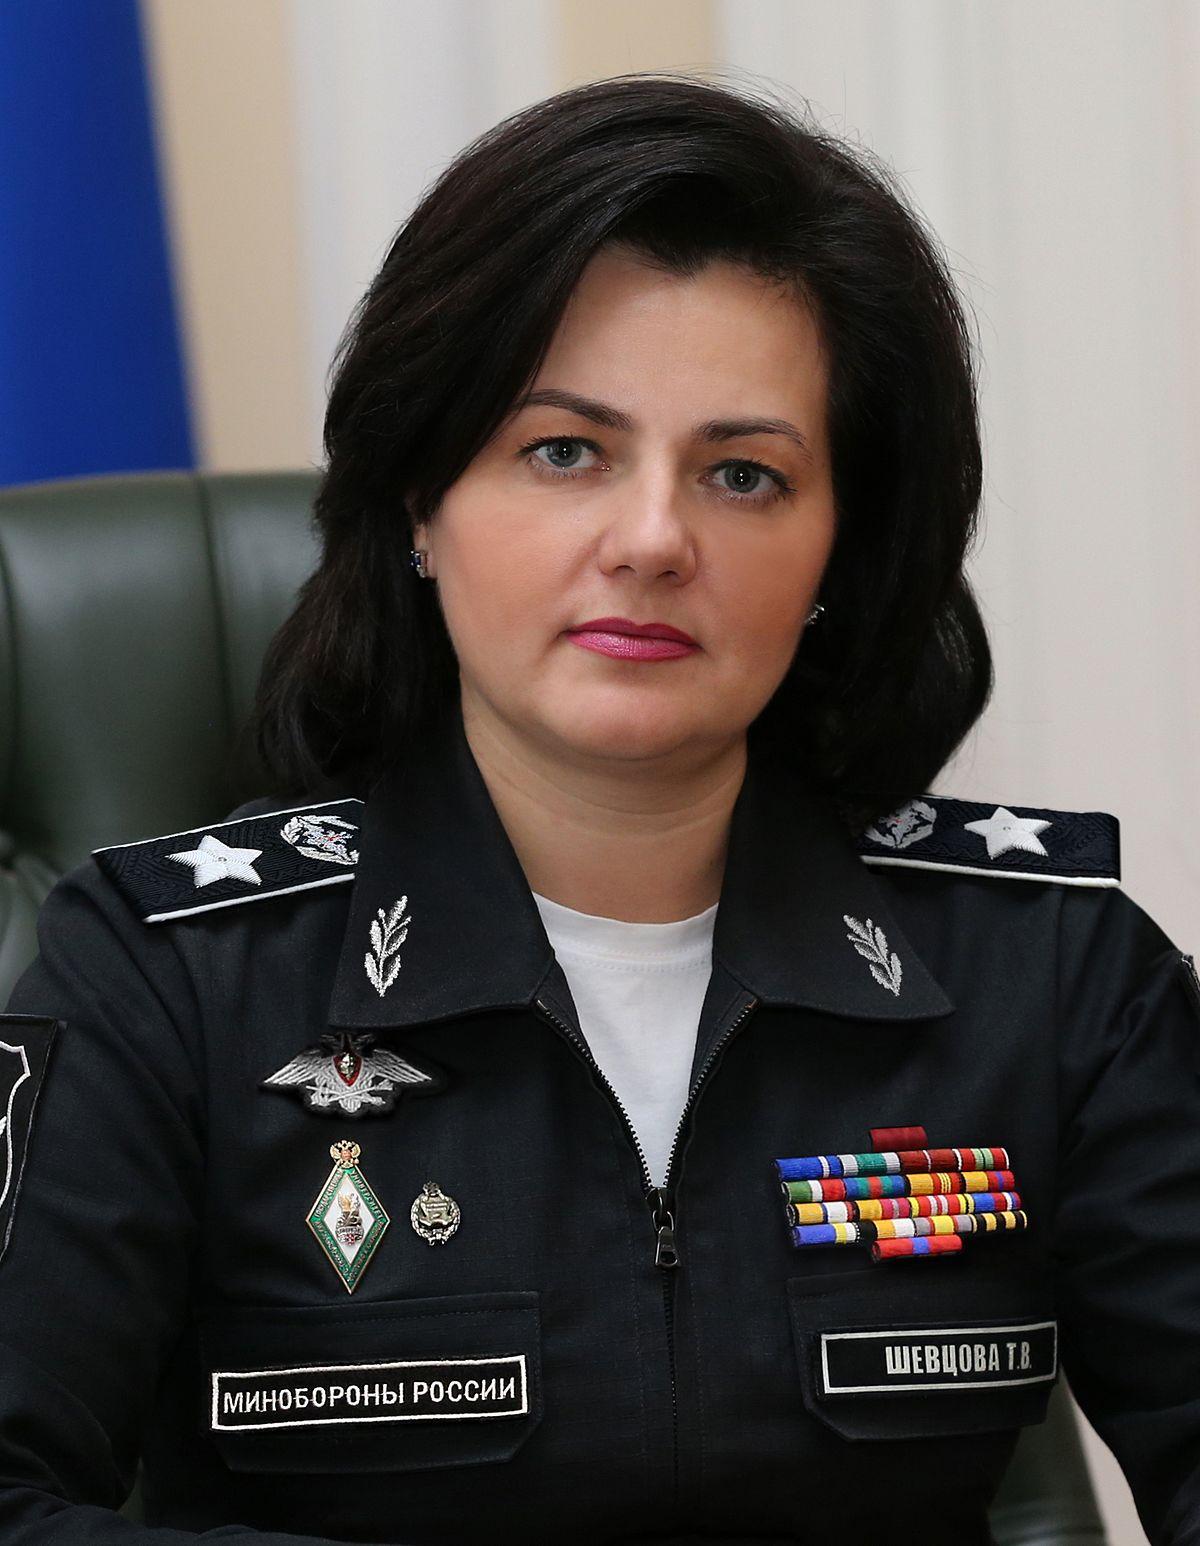 Шевцова, Татьяна Викторовна — Википедия